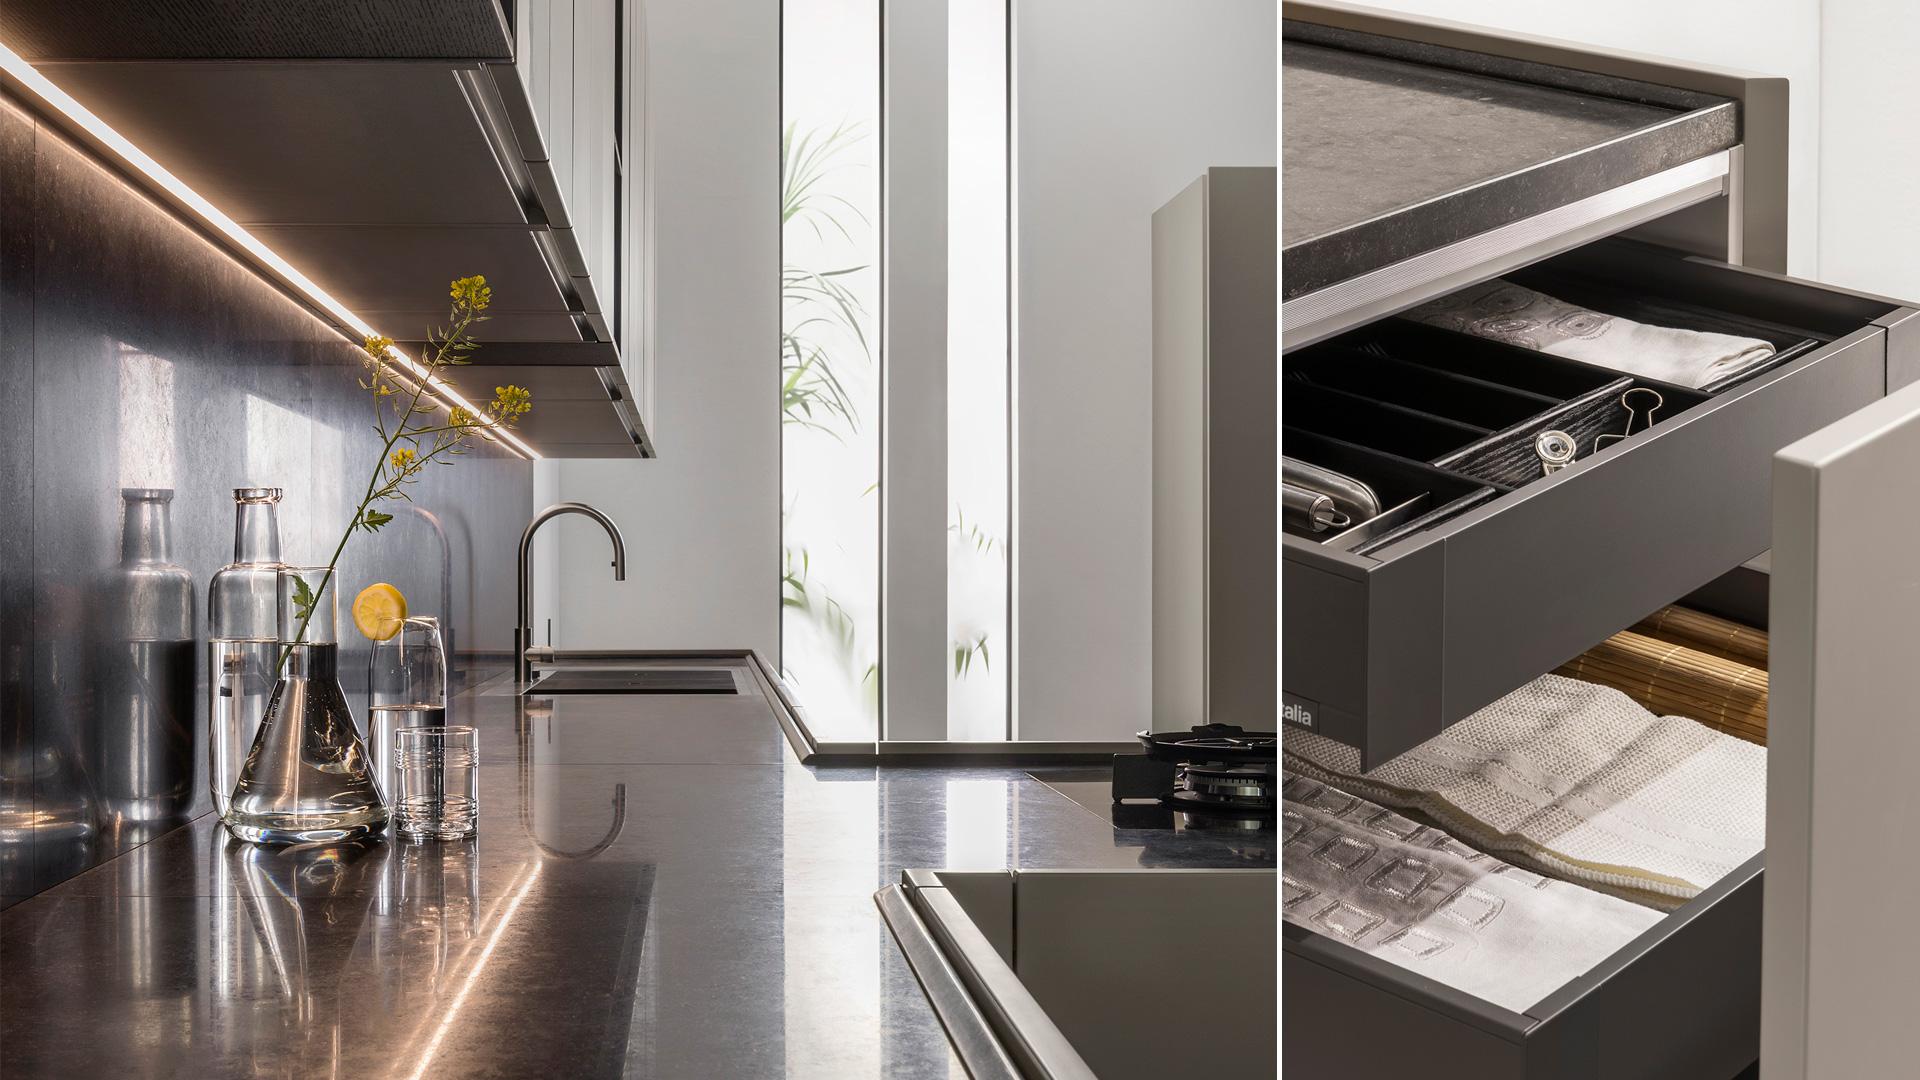 Cucina design con penisola composizione D90+ - D90_brandsite-gallery_06